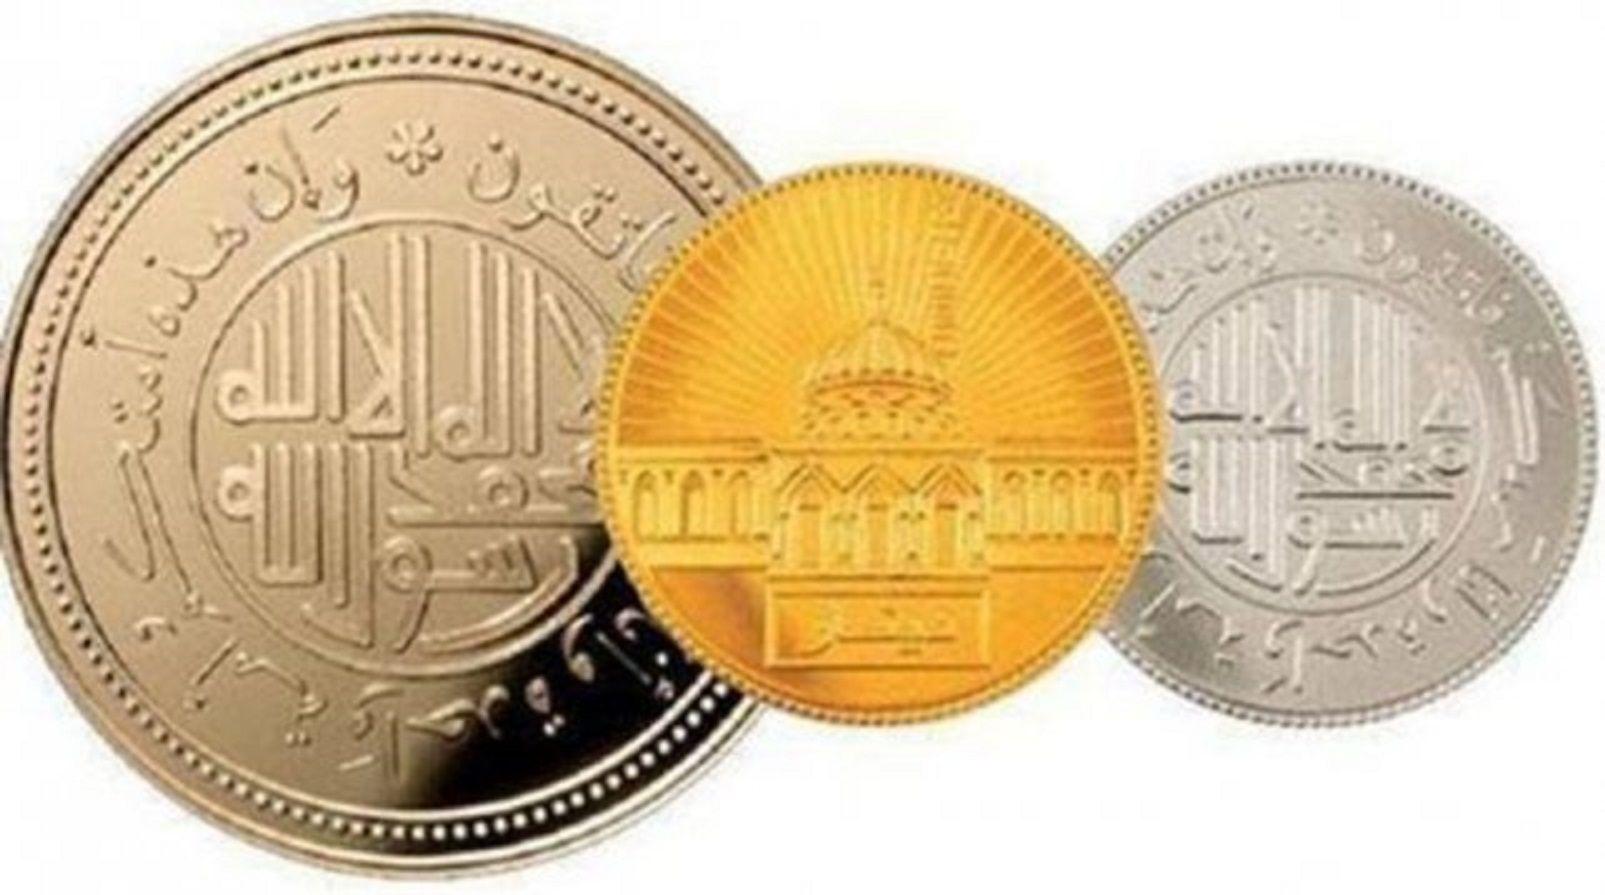 El Estado Islámico ya tiene su propia moneda oficial